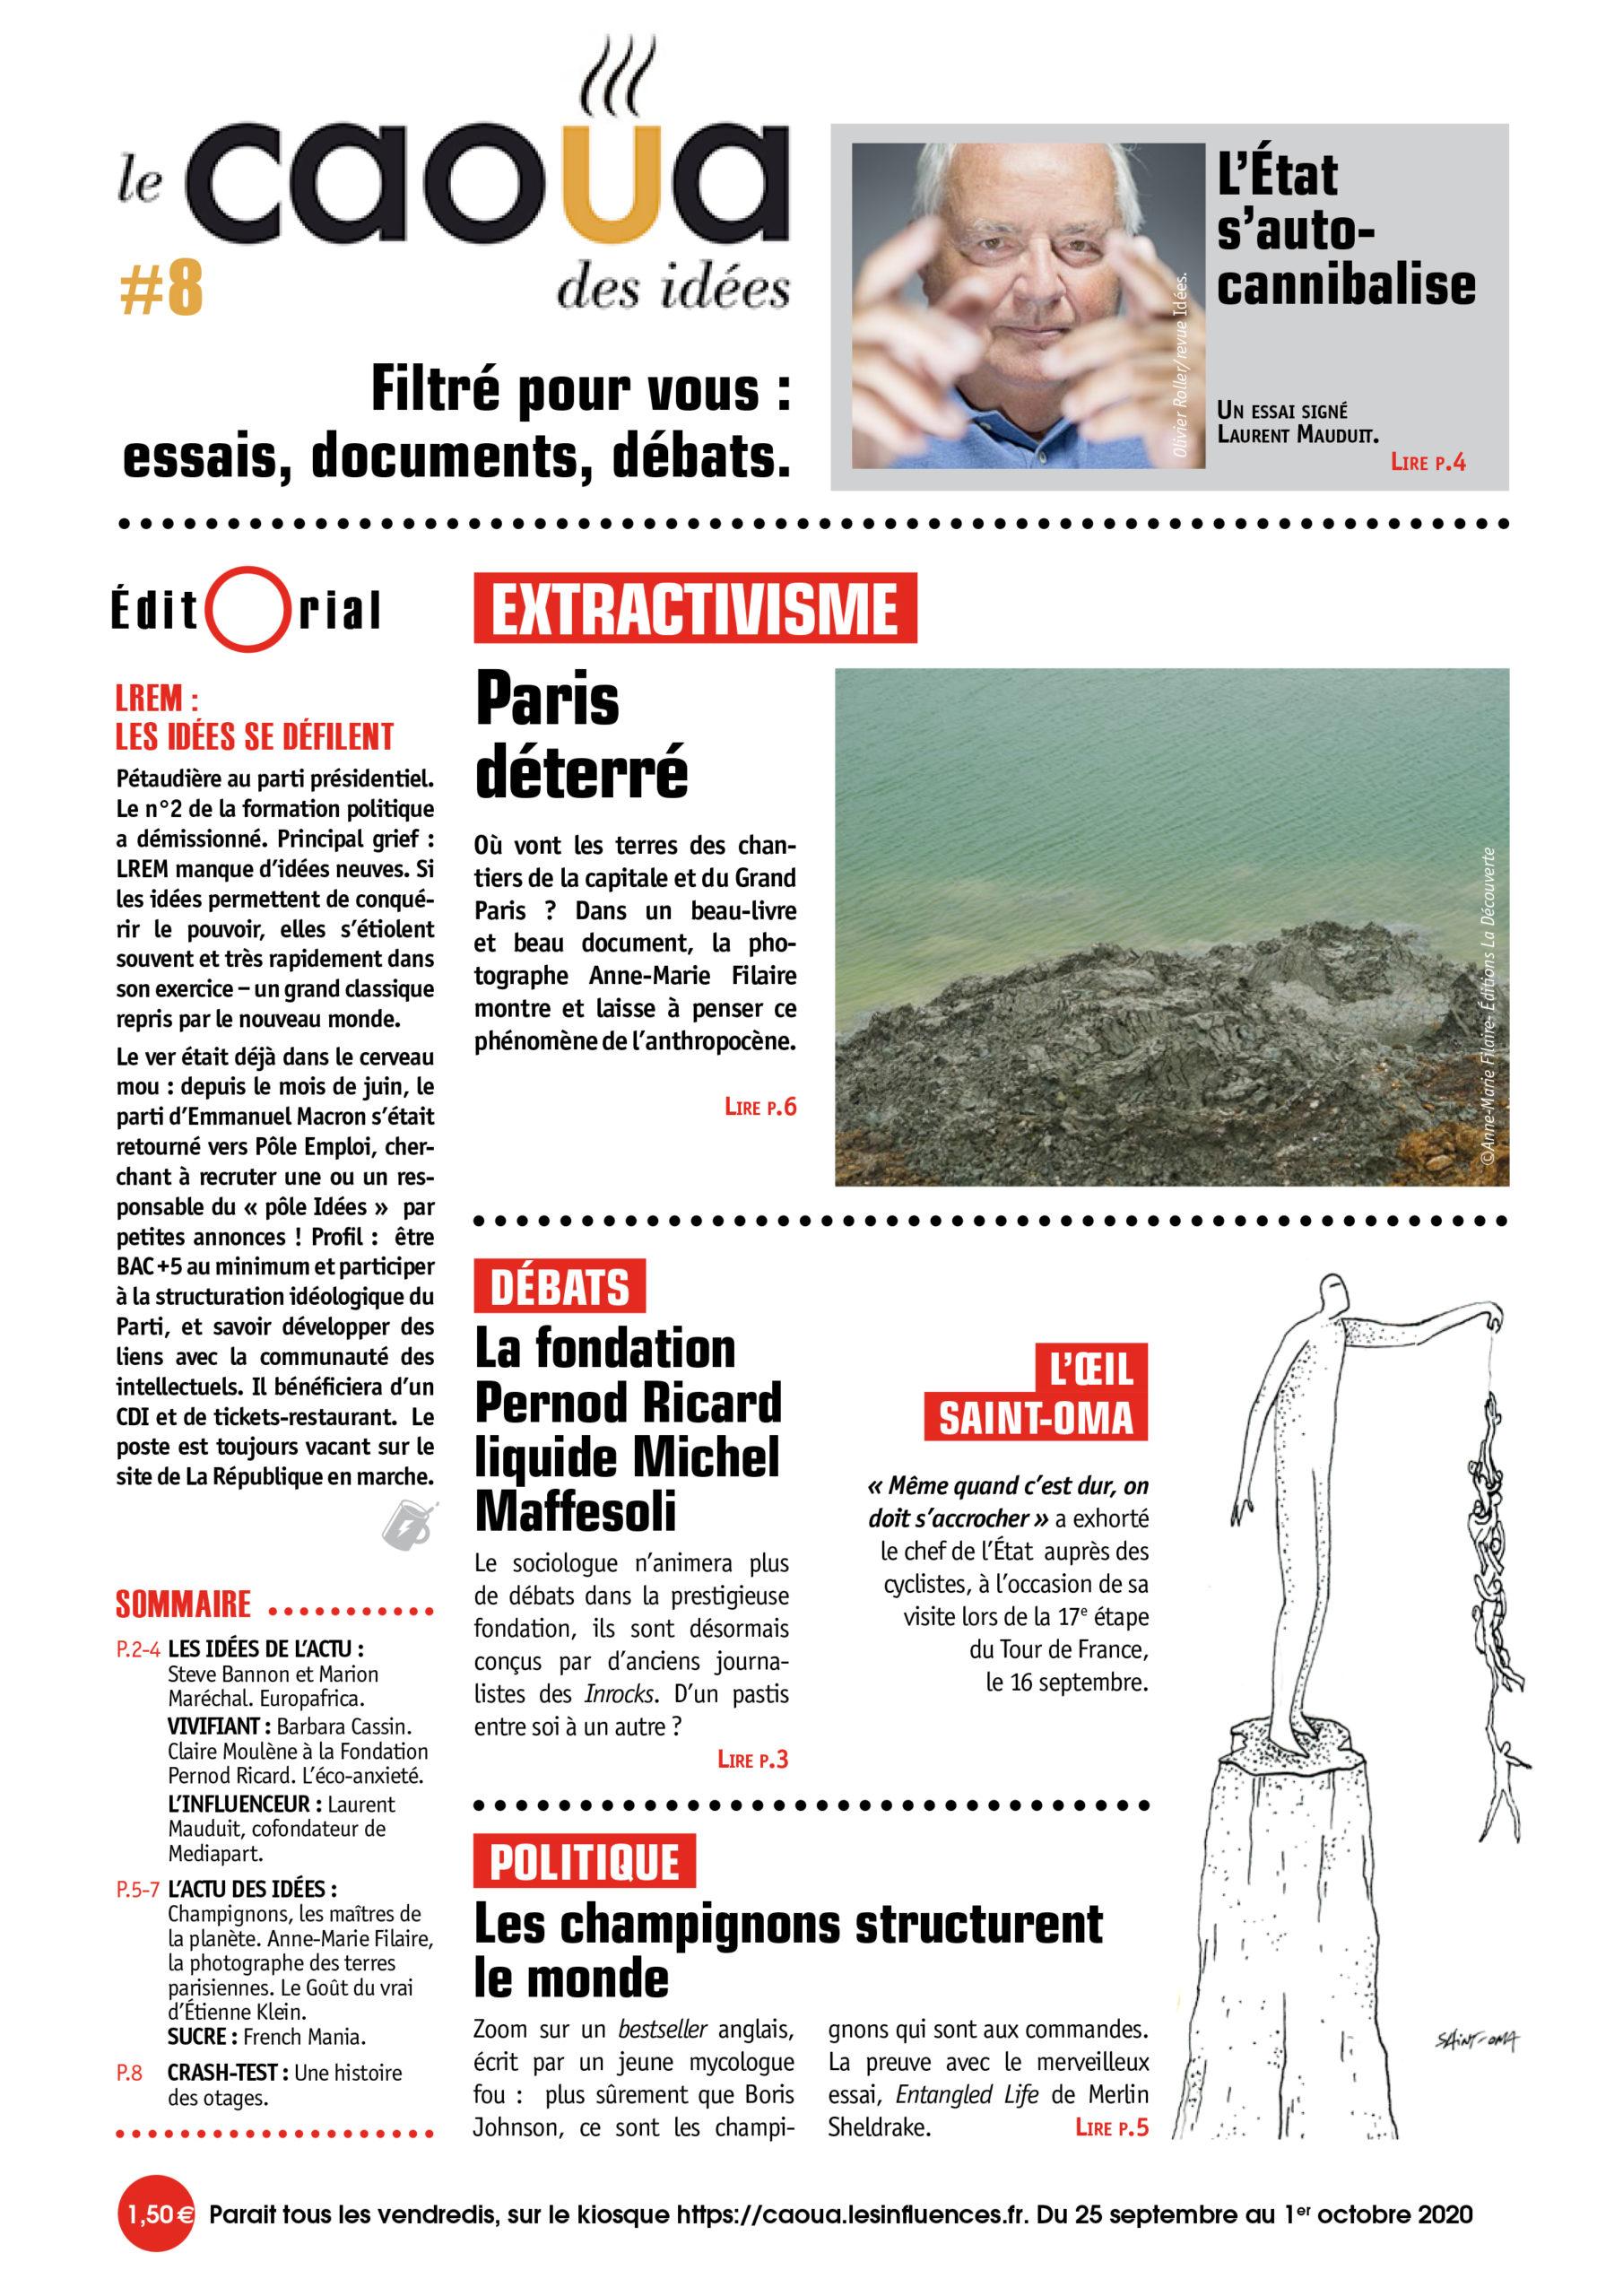 couverture_le_caoua_des_idees_n8_septembre_2020-1.jpg